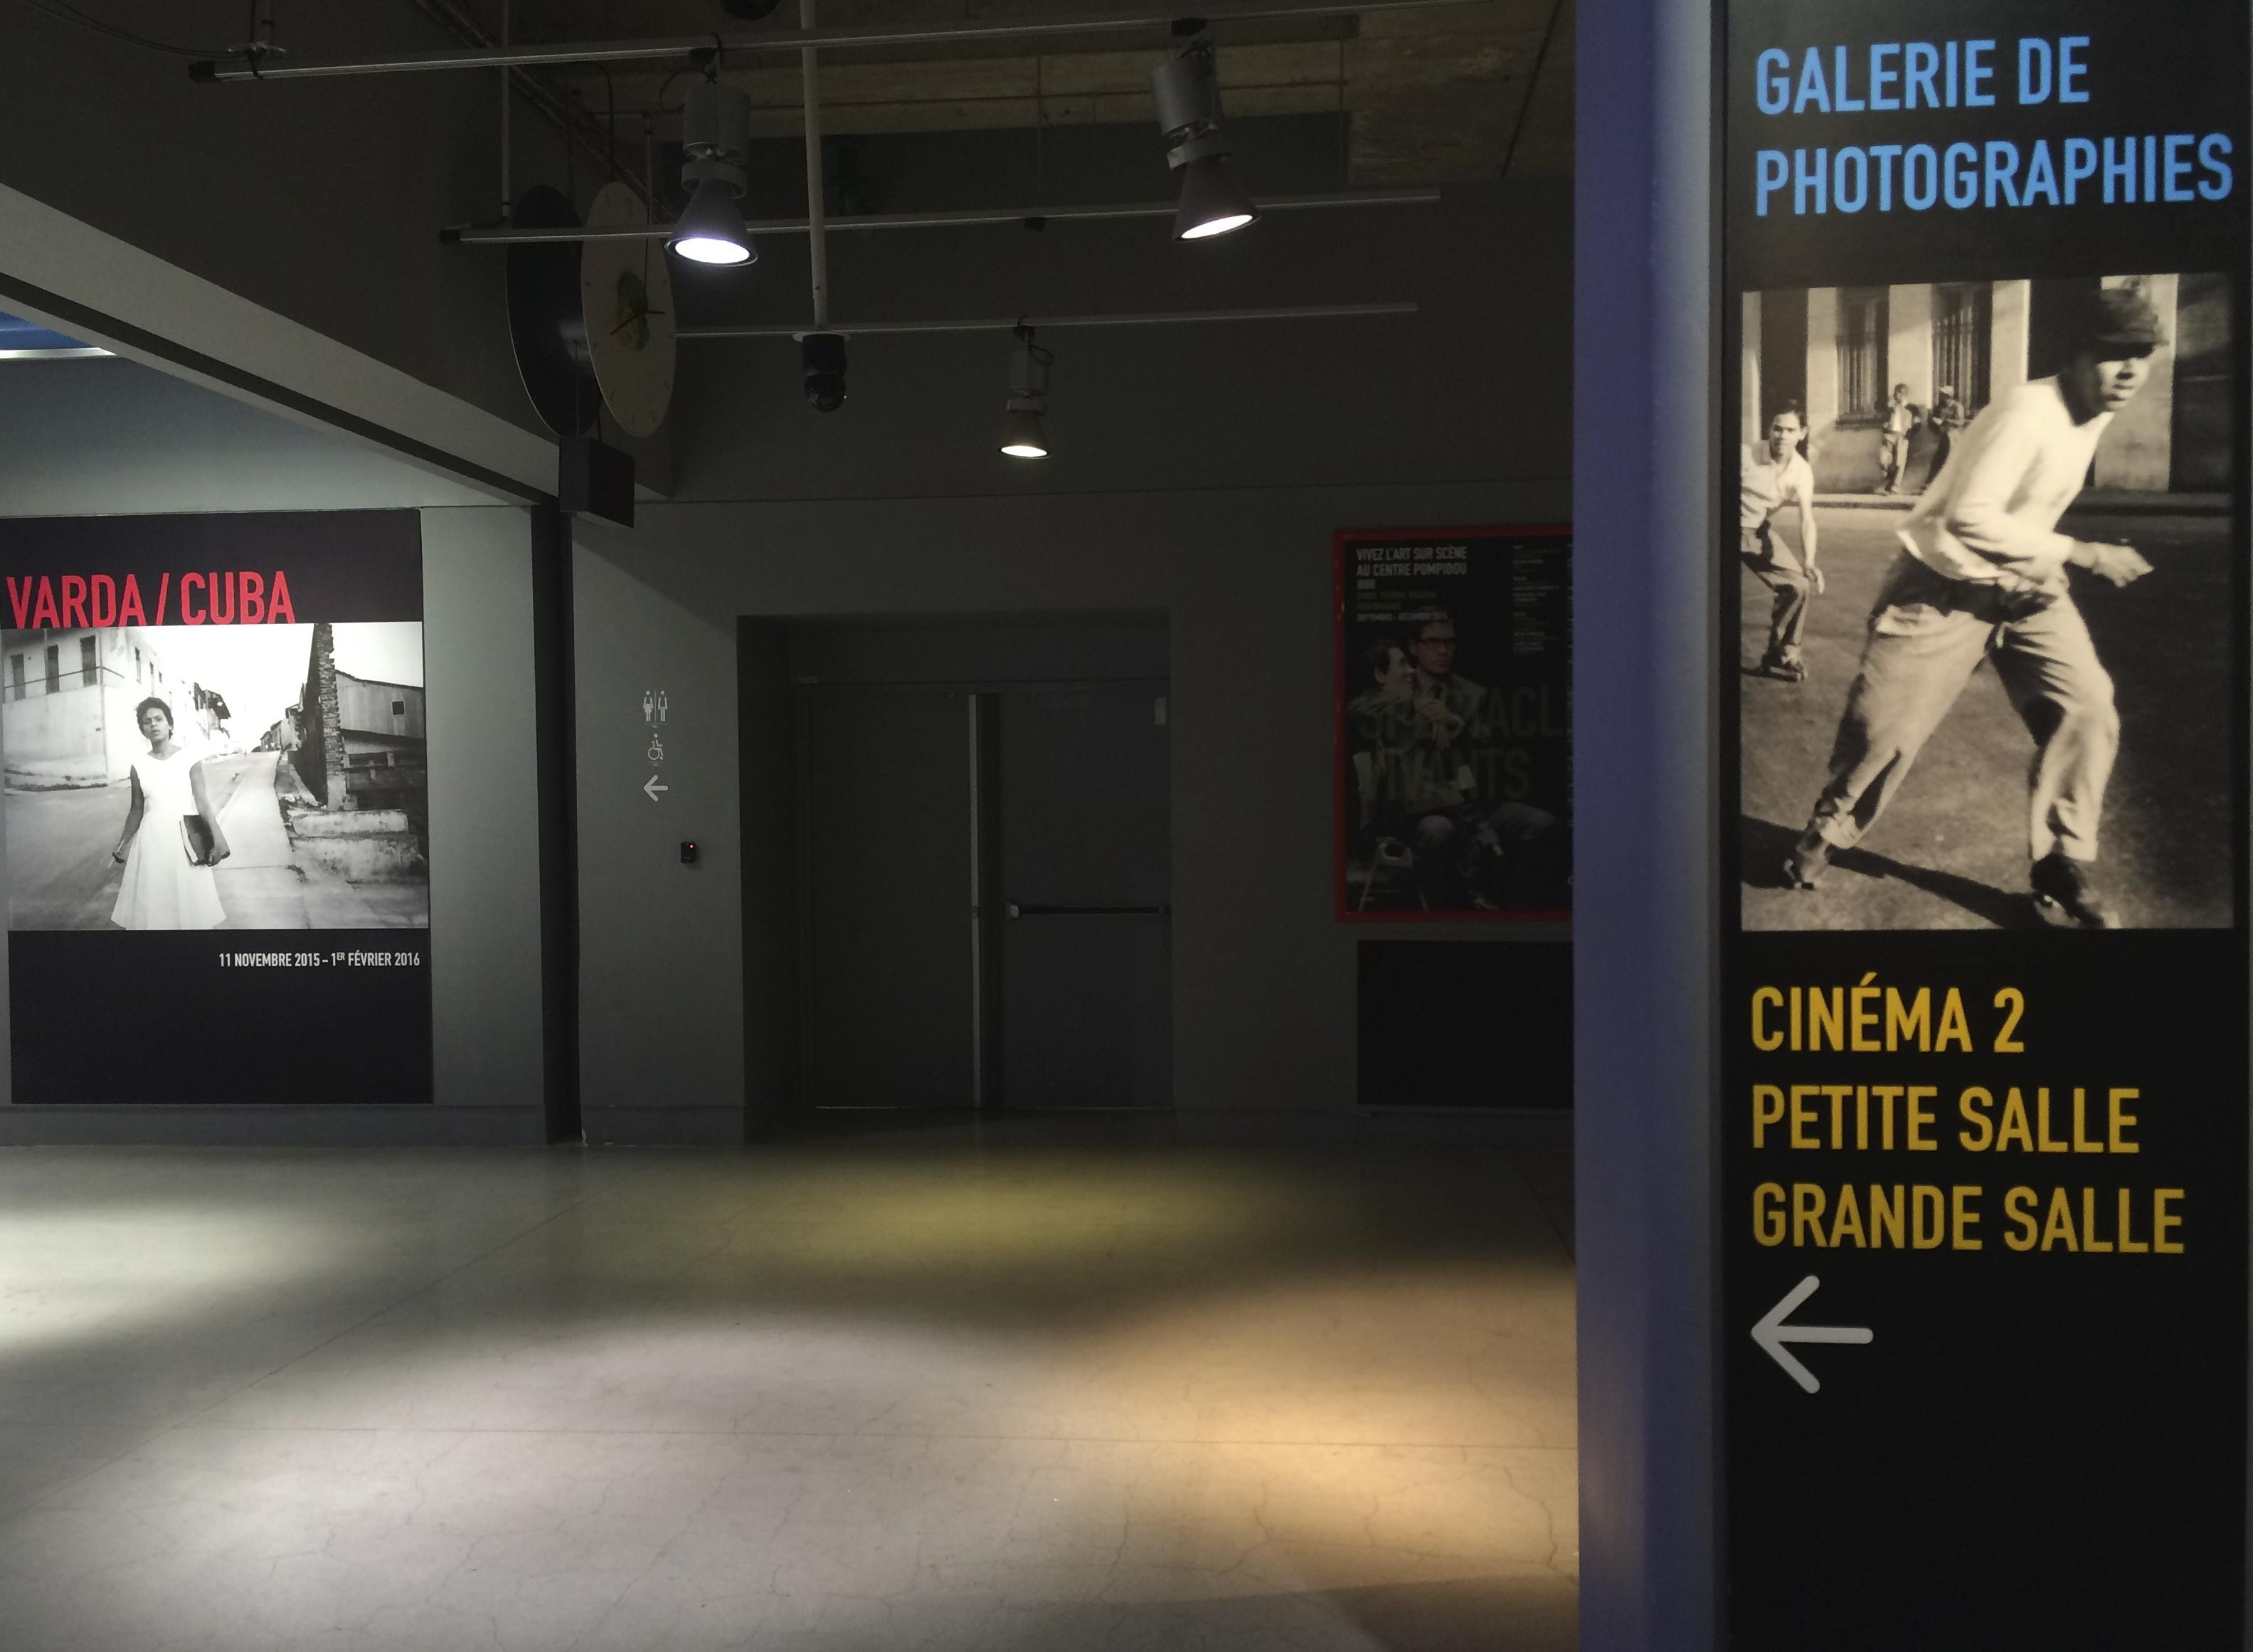 L'exposition Varda / Cuba au Centre Pompidou, 11/11/15- 01/ 02/16